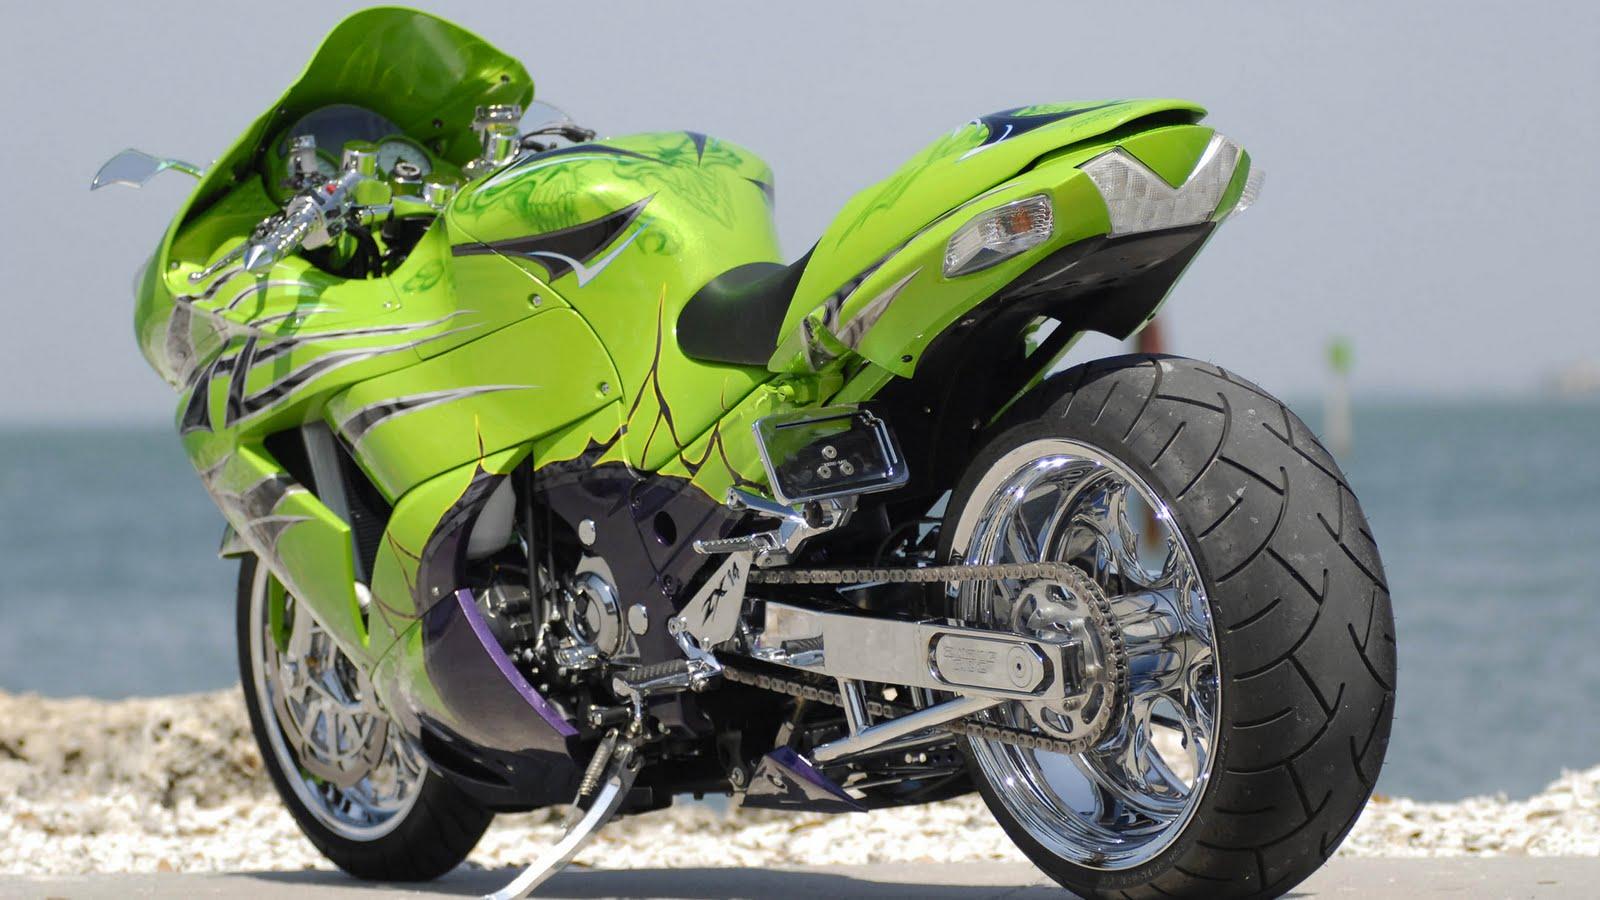 http://3.bp.blogspot.com/-OX3snmfSvWk/TcX_rNH_cBI/AAAAAAAAAVk/w17FYHQJ0hM/s1600/Super_bikes_hd_wallpaper_5-1920x1080.jpg